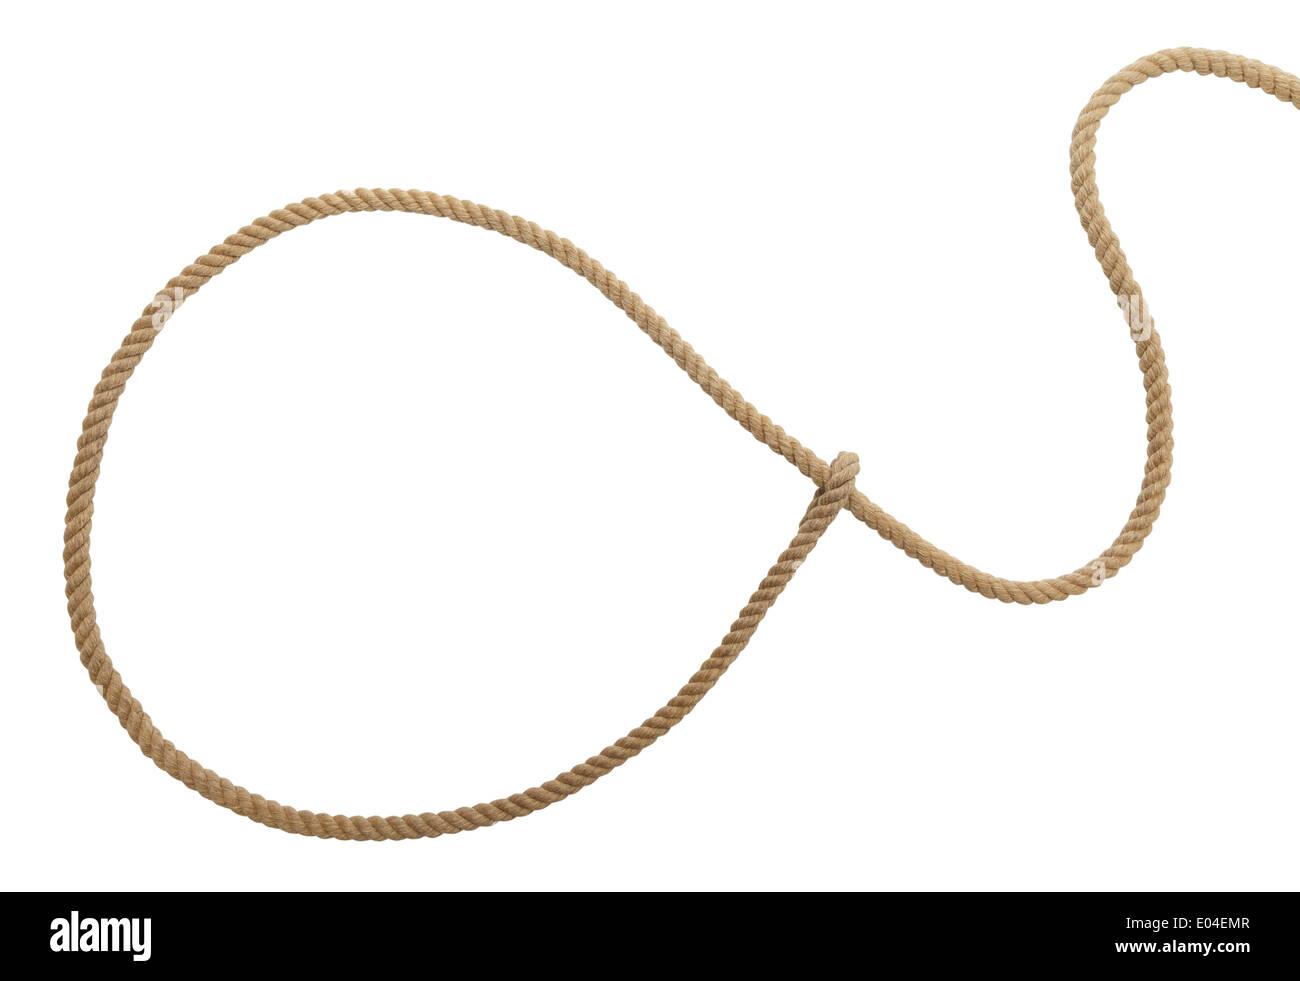 Brown Vaqueros Lasso cuerda aislado sobre fondo blanco. Imagen De Stock